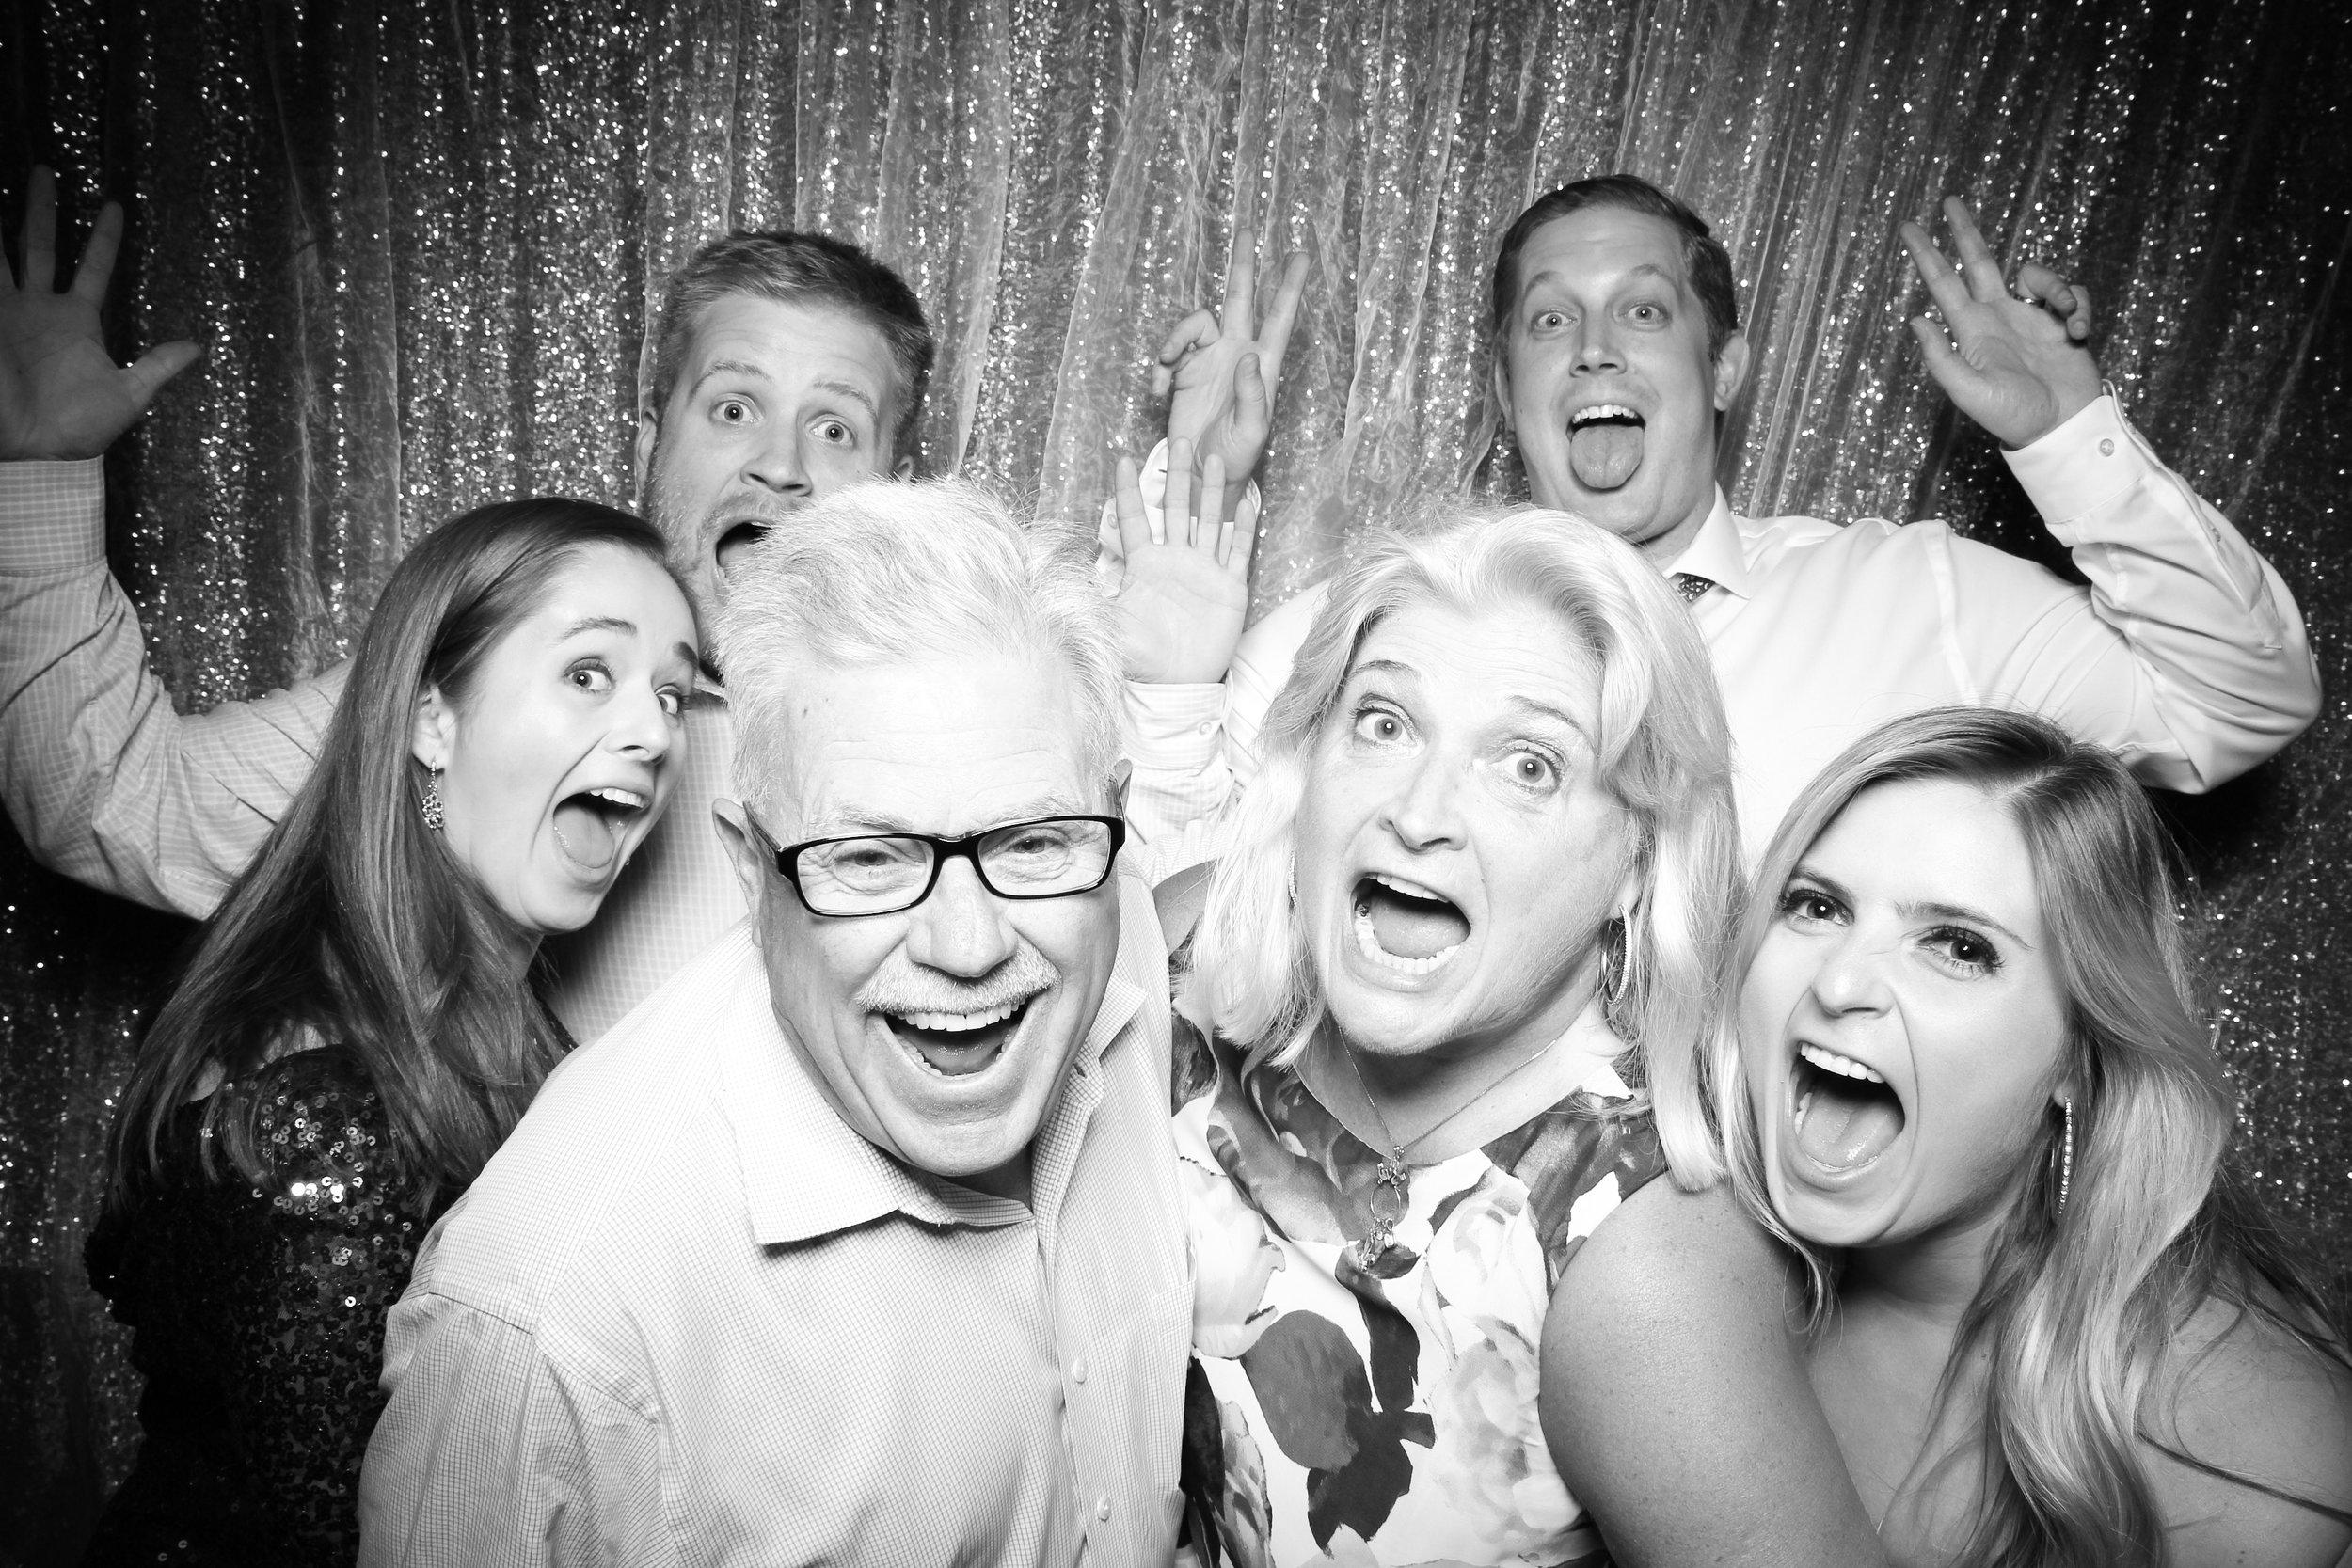 Cafe_Brauer_Chicago_Wedding_Loggia_Photo_Booth_08.jpg